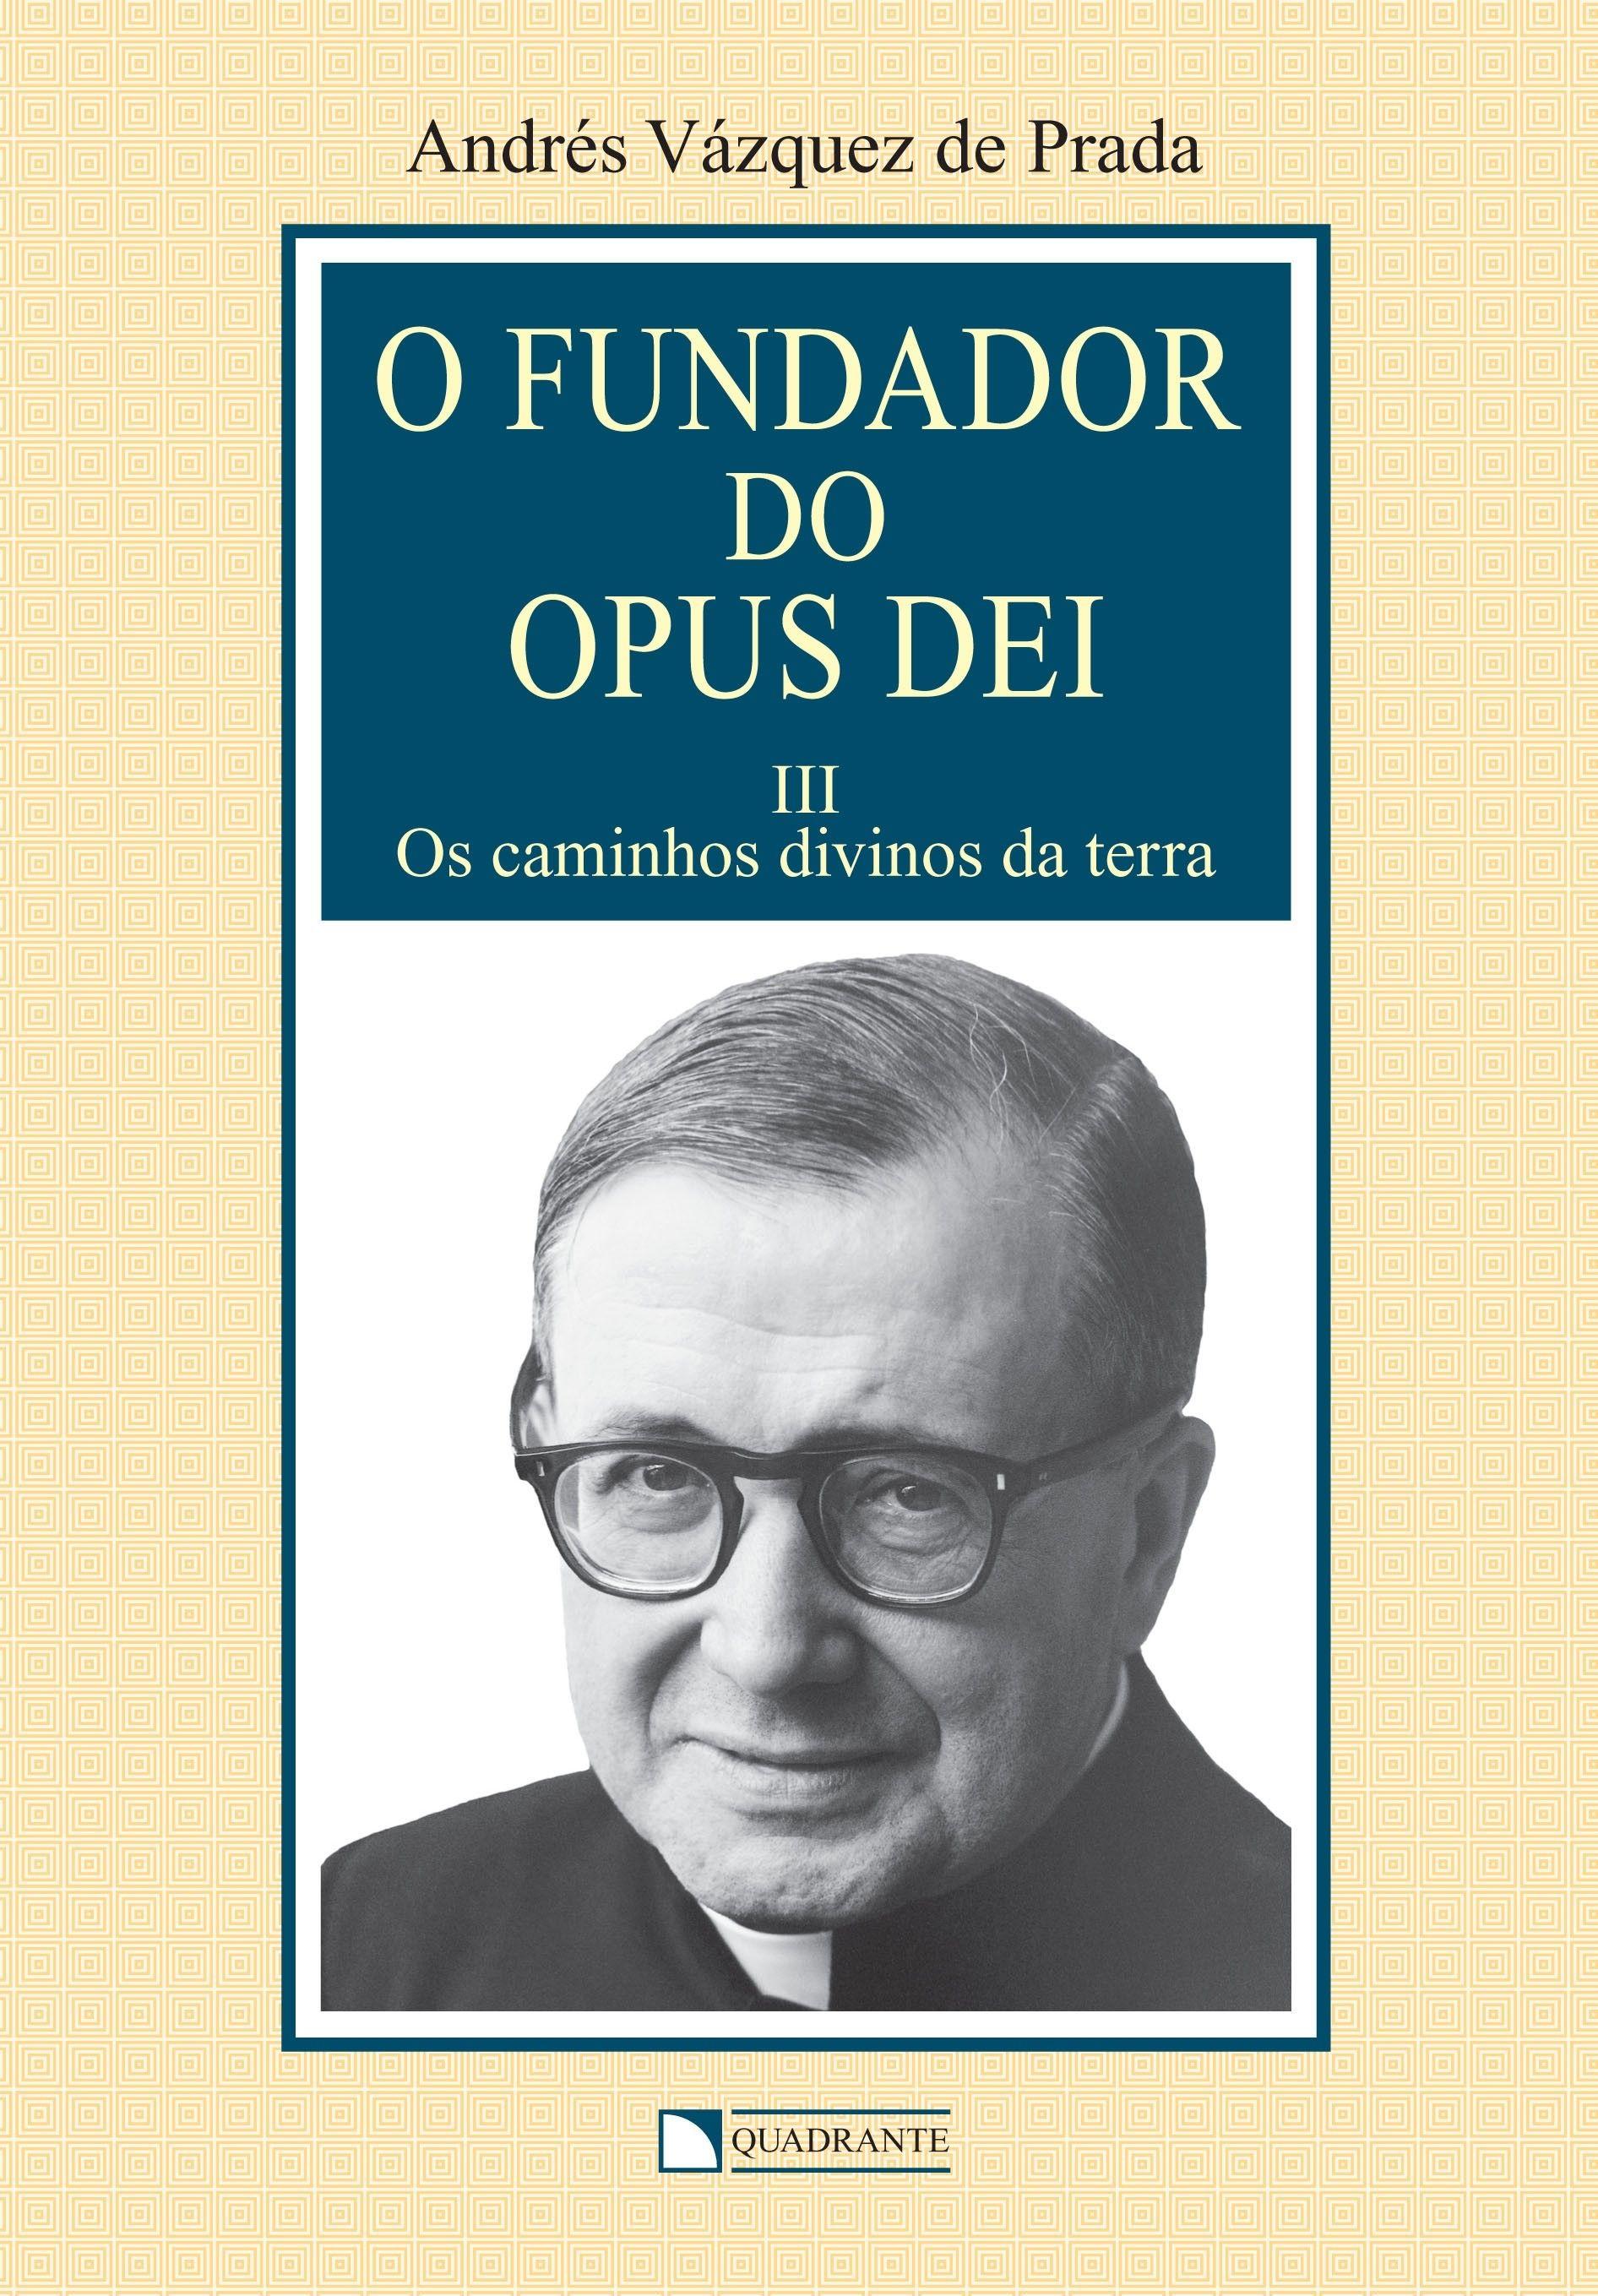 Livro O Fundador do Opus Dei - vol. III